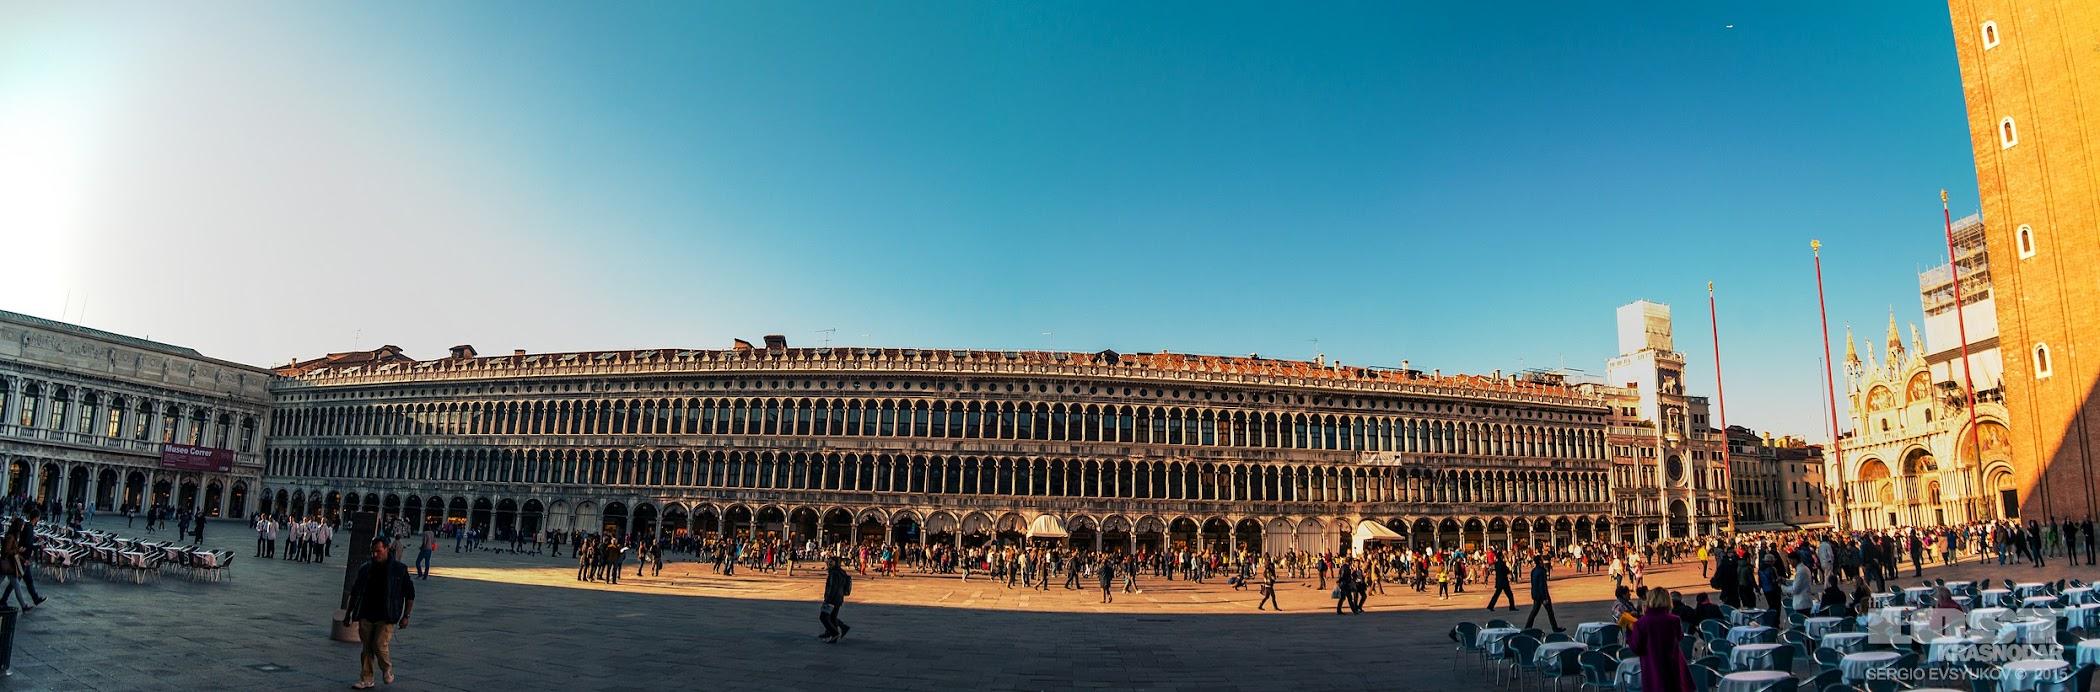 Достопримечательности Венеции